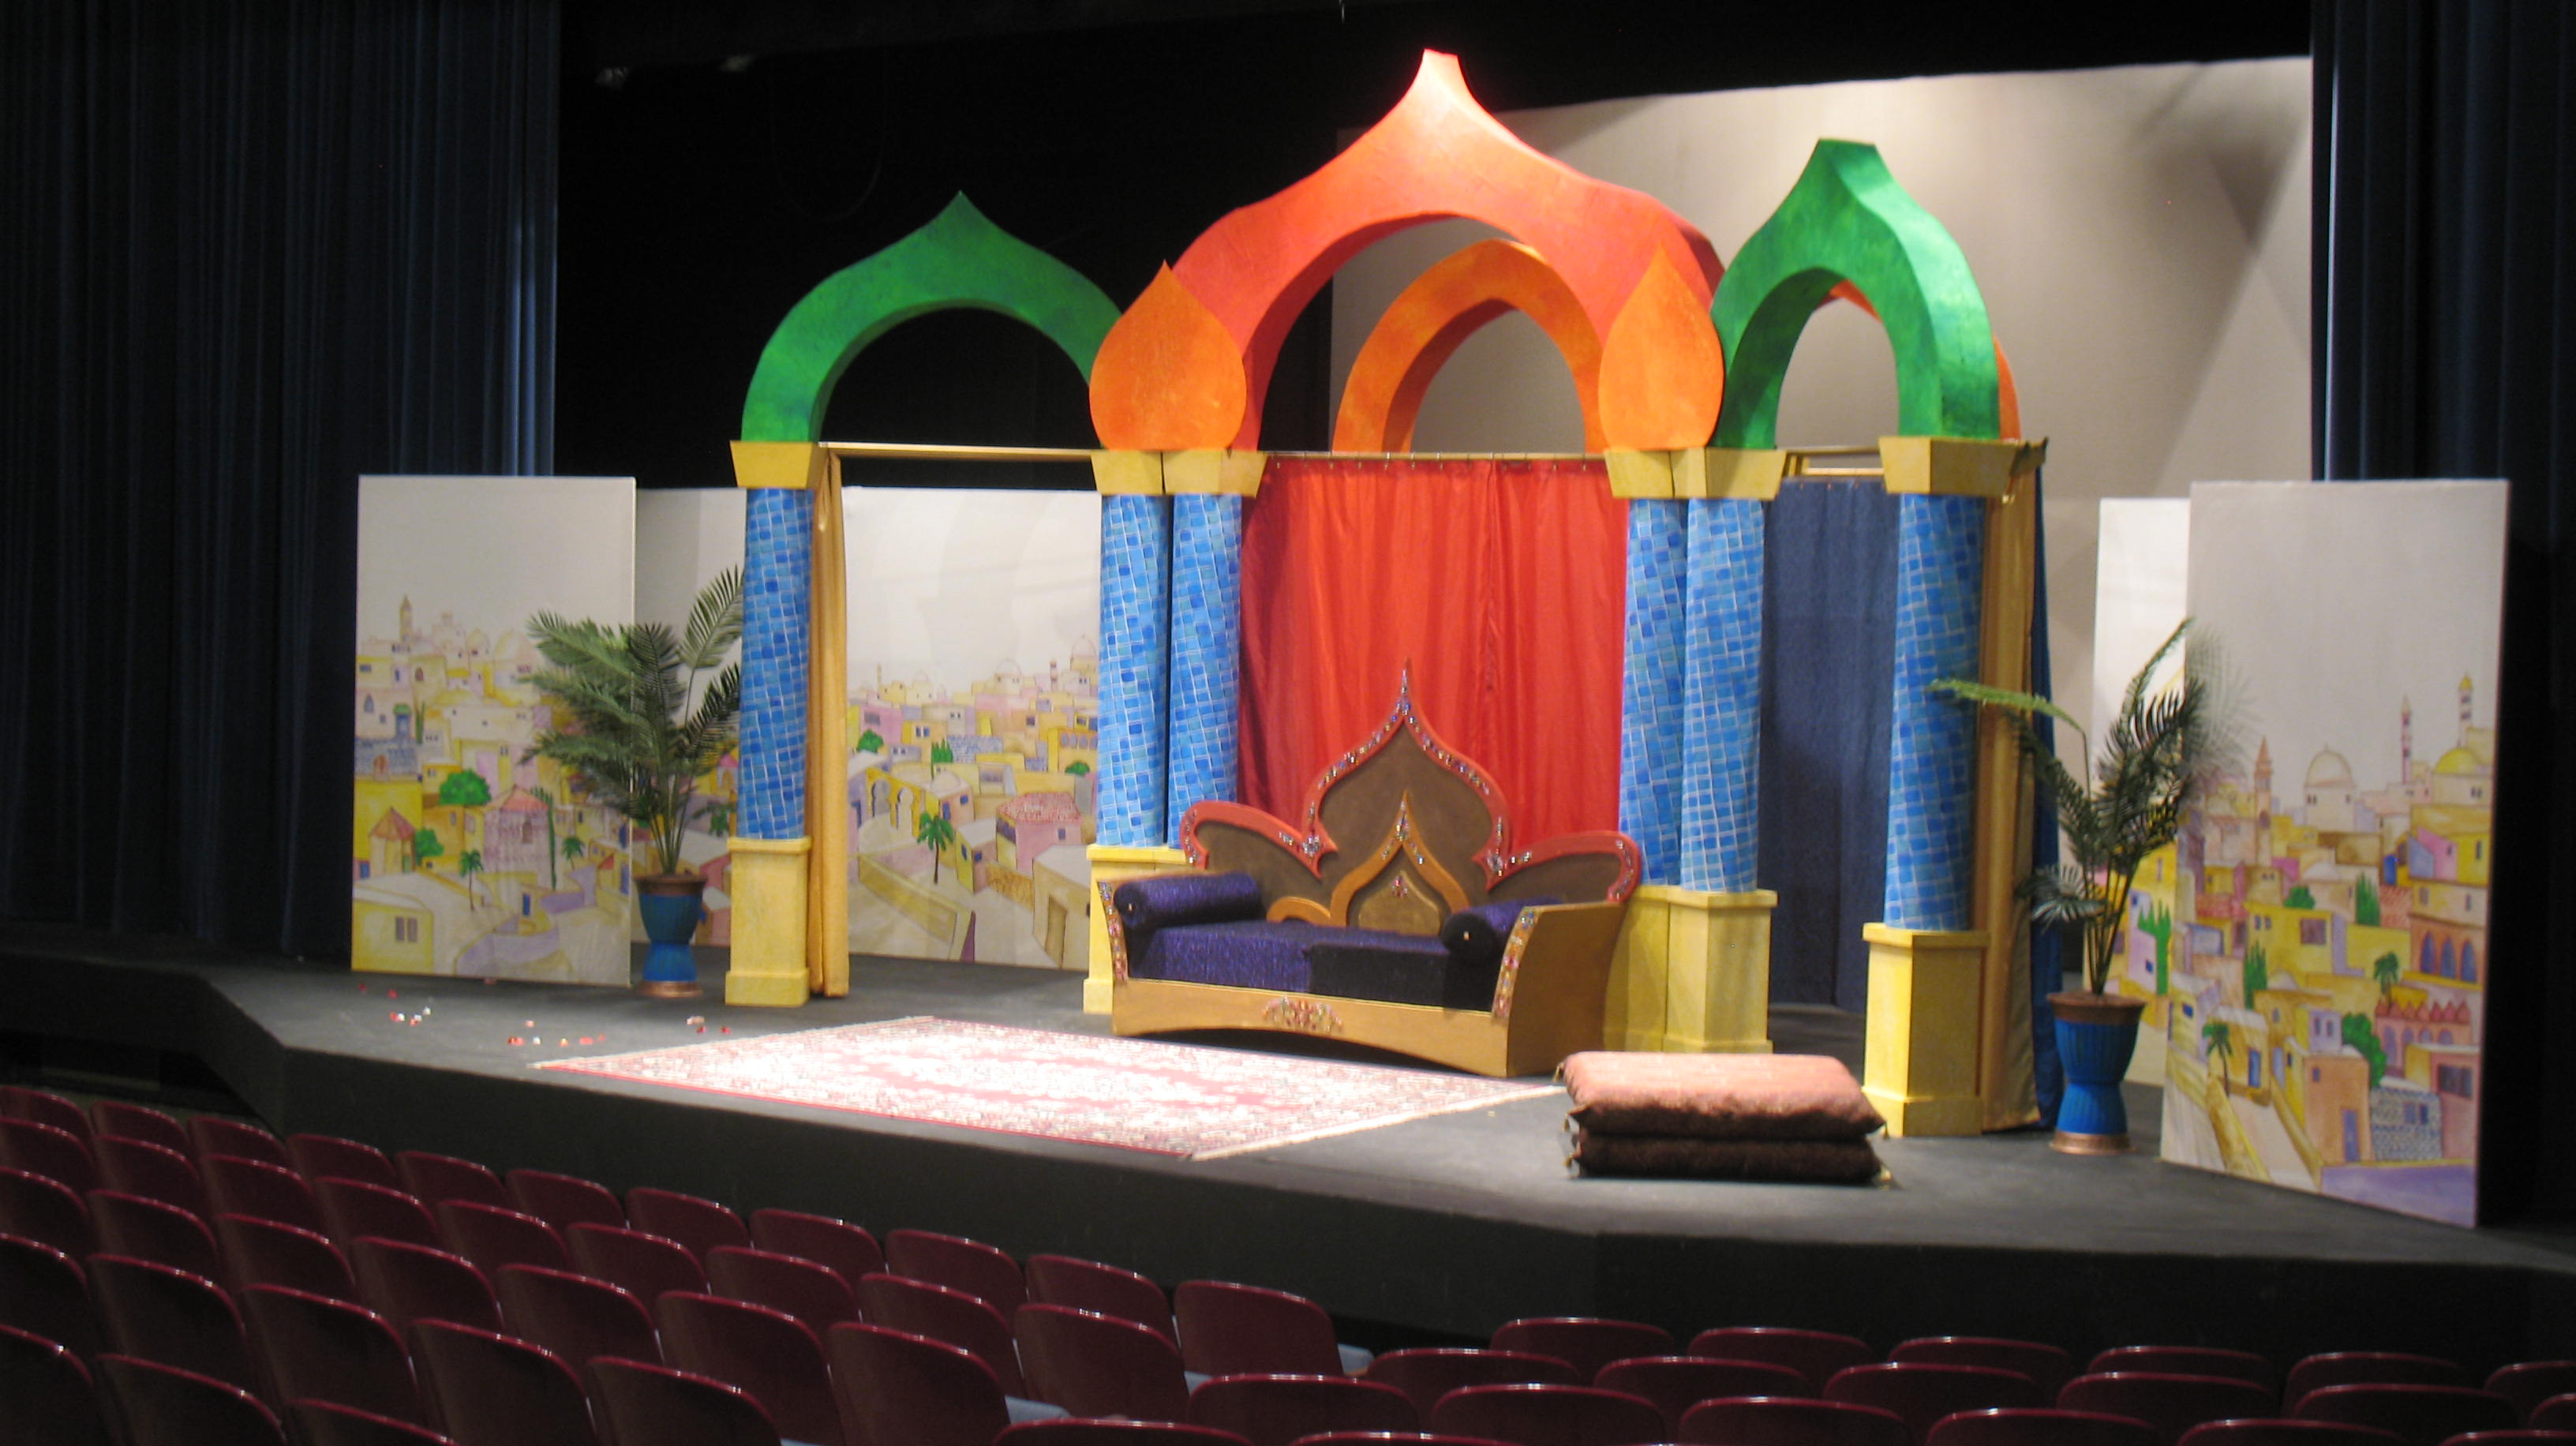 Uw Whitewater Theatre Dance Department 187 2012 187 October